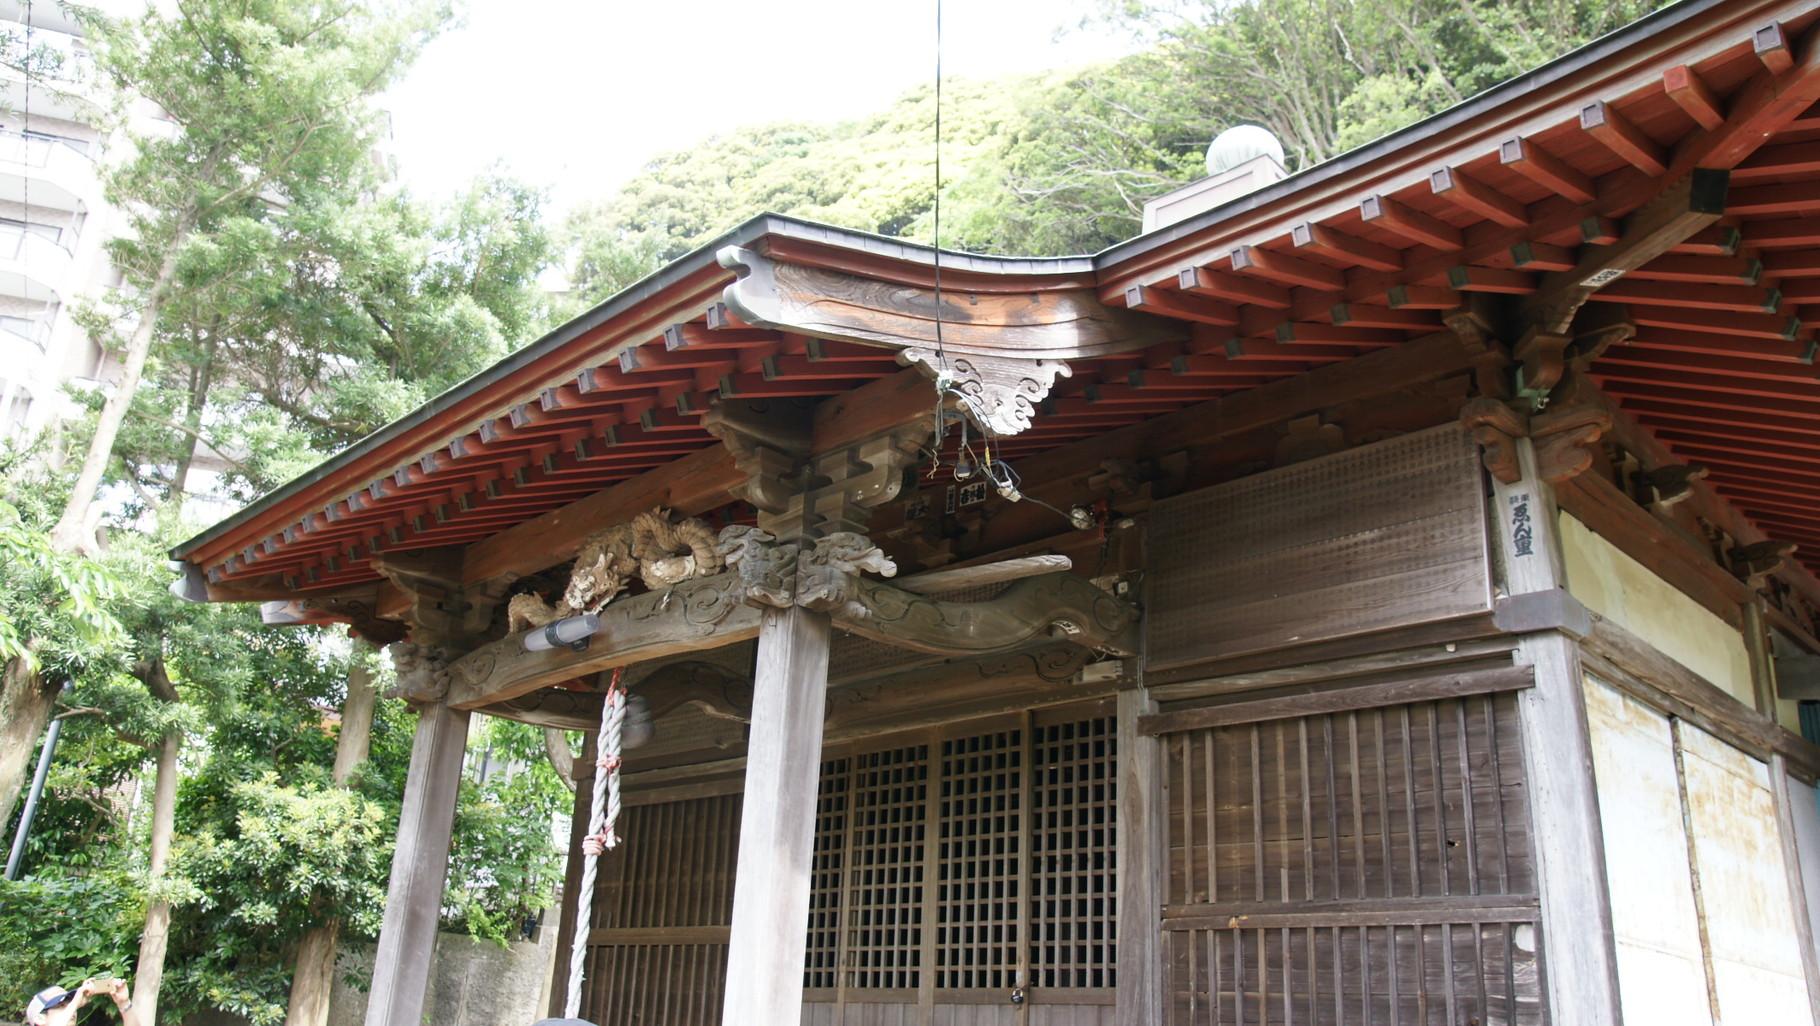 八雲神社、江戸時代山伏の道場として建てられたのが明治維新で神社になった